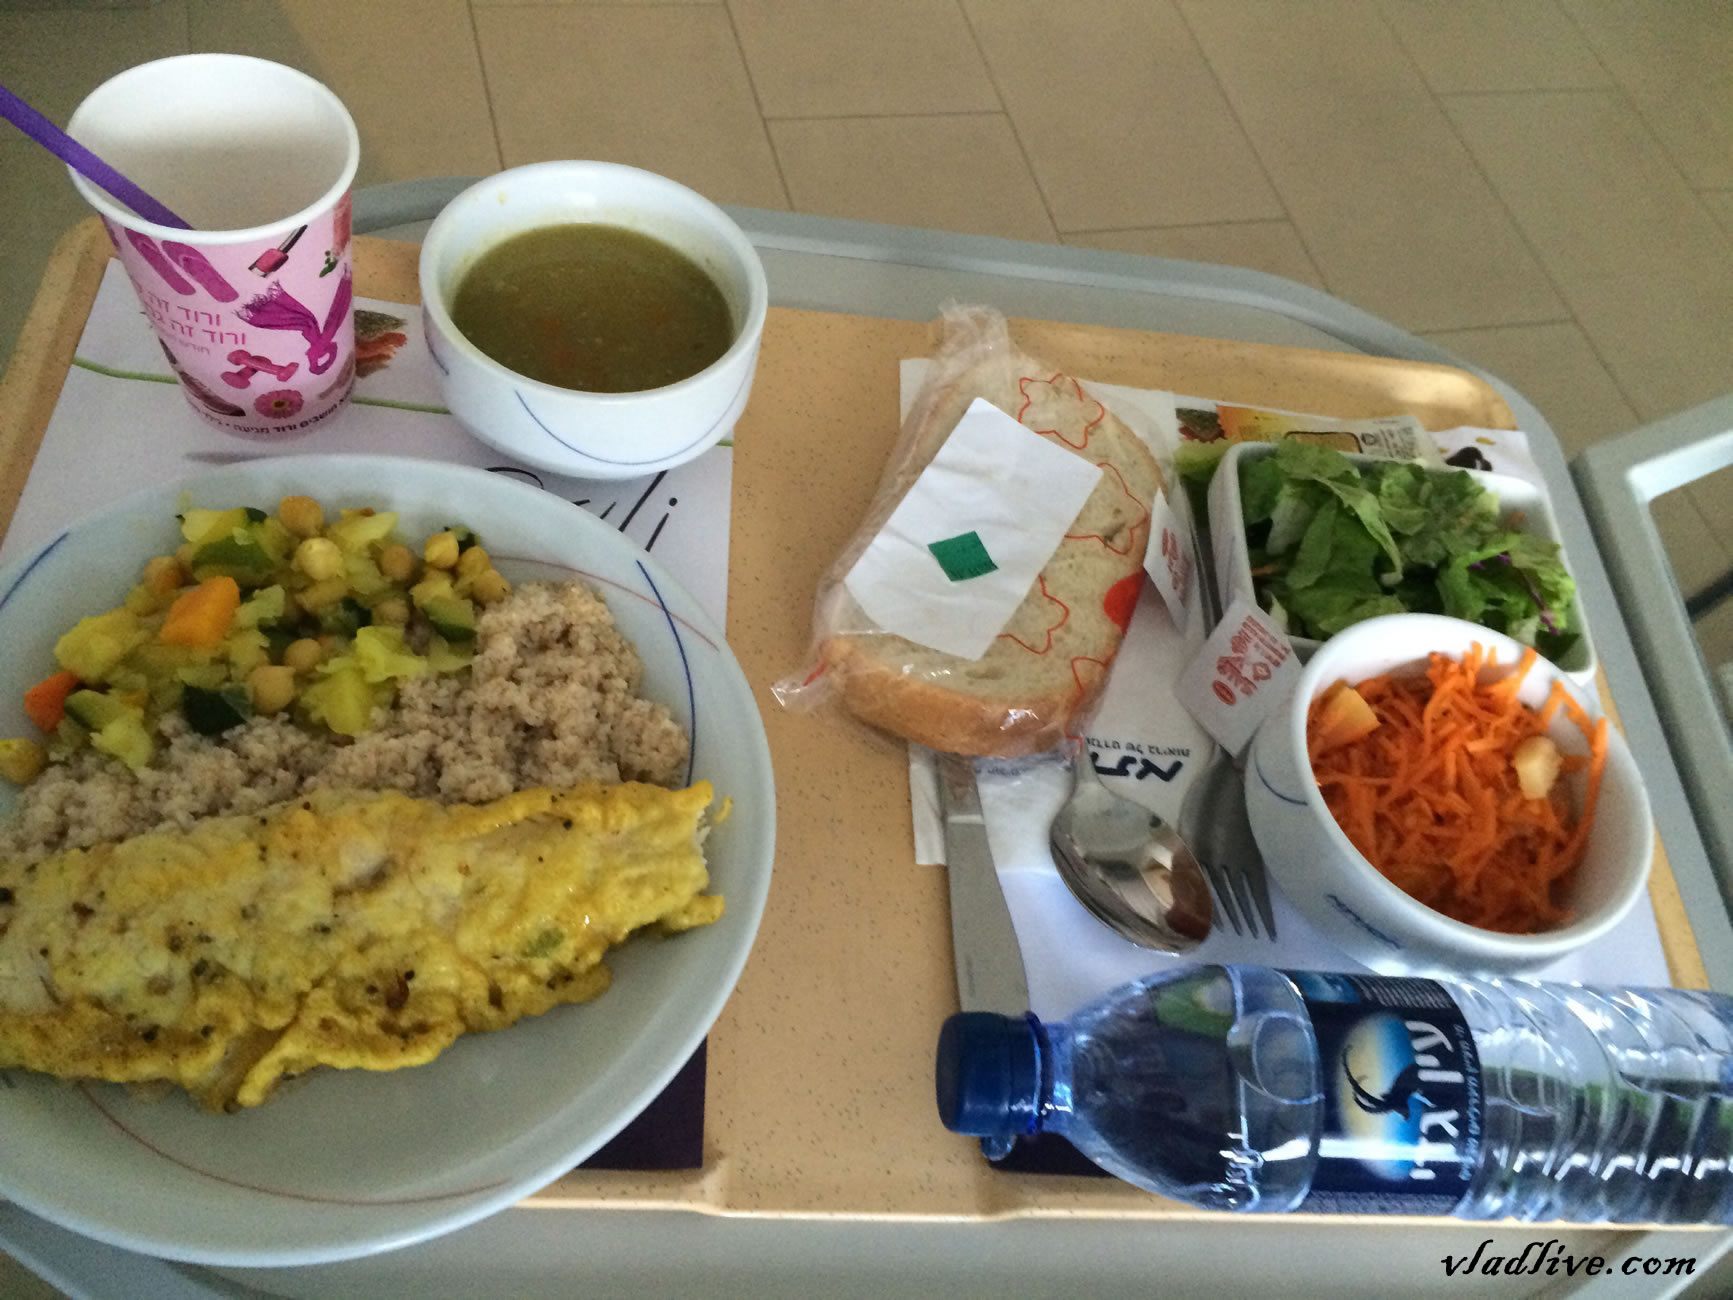 Клиника Ассута. Больничная еда